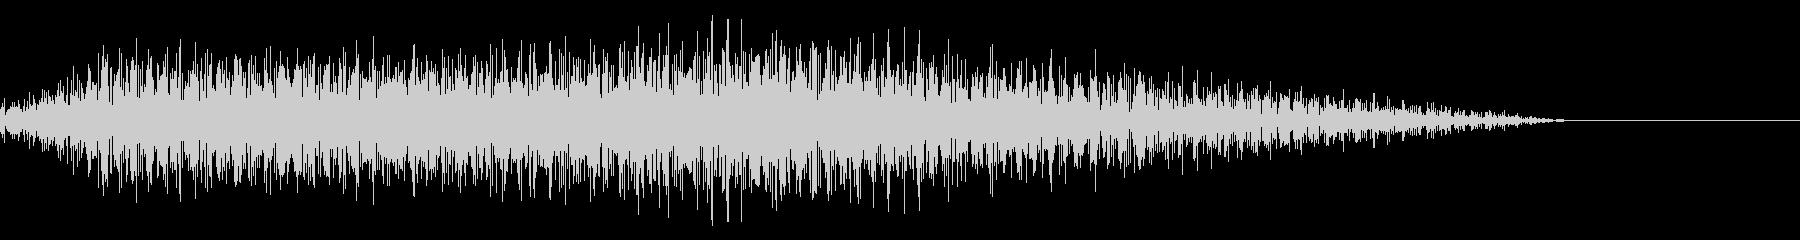 シュイーン(閉まる 縮む 縮小)の未再生の波形